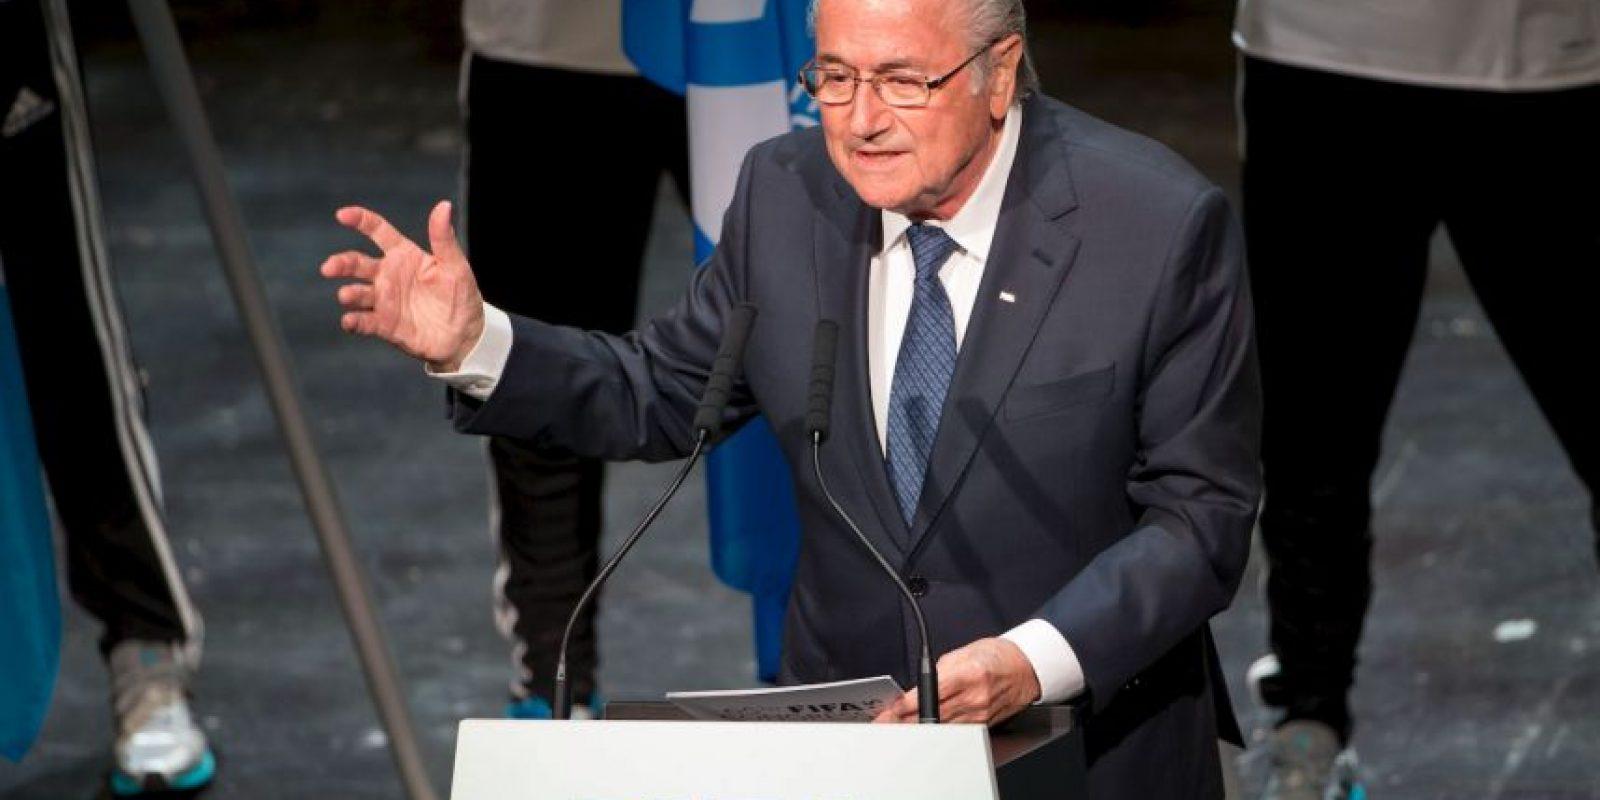 Finalmente, Joseph Blatter fue reelecto como presidente de la FIFA, cargo que ocupará hasta 2019. Foto:Getty Images